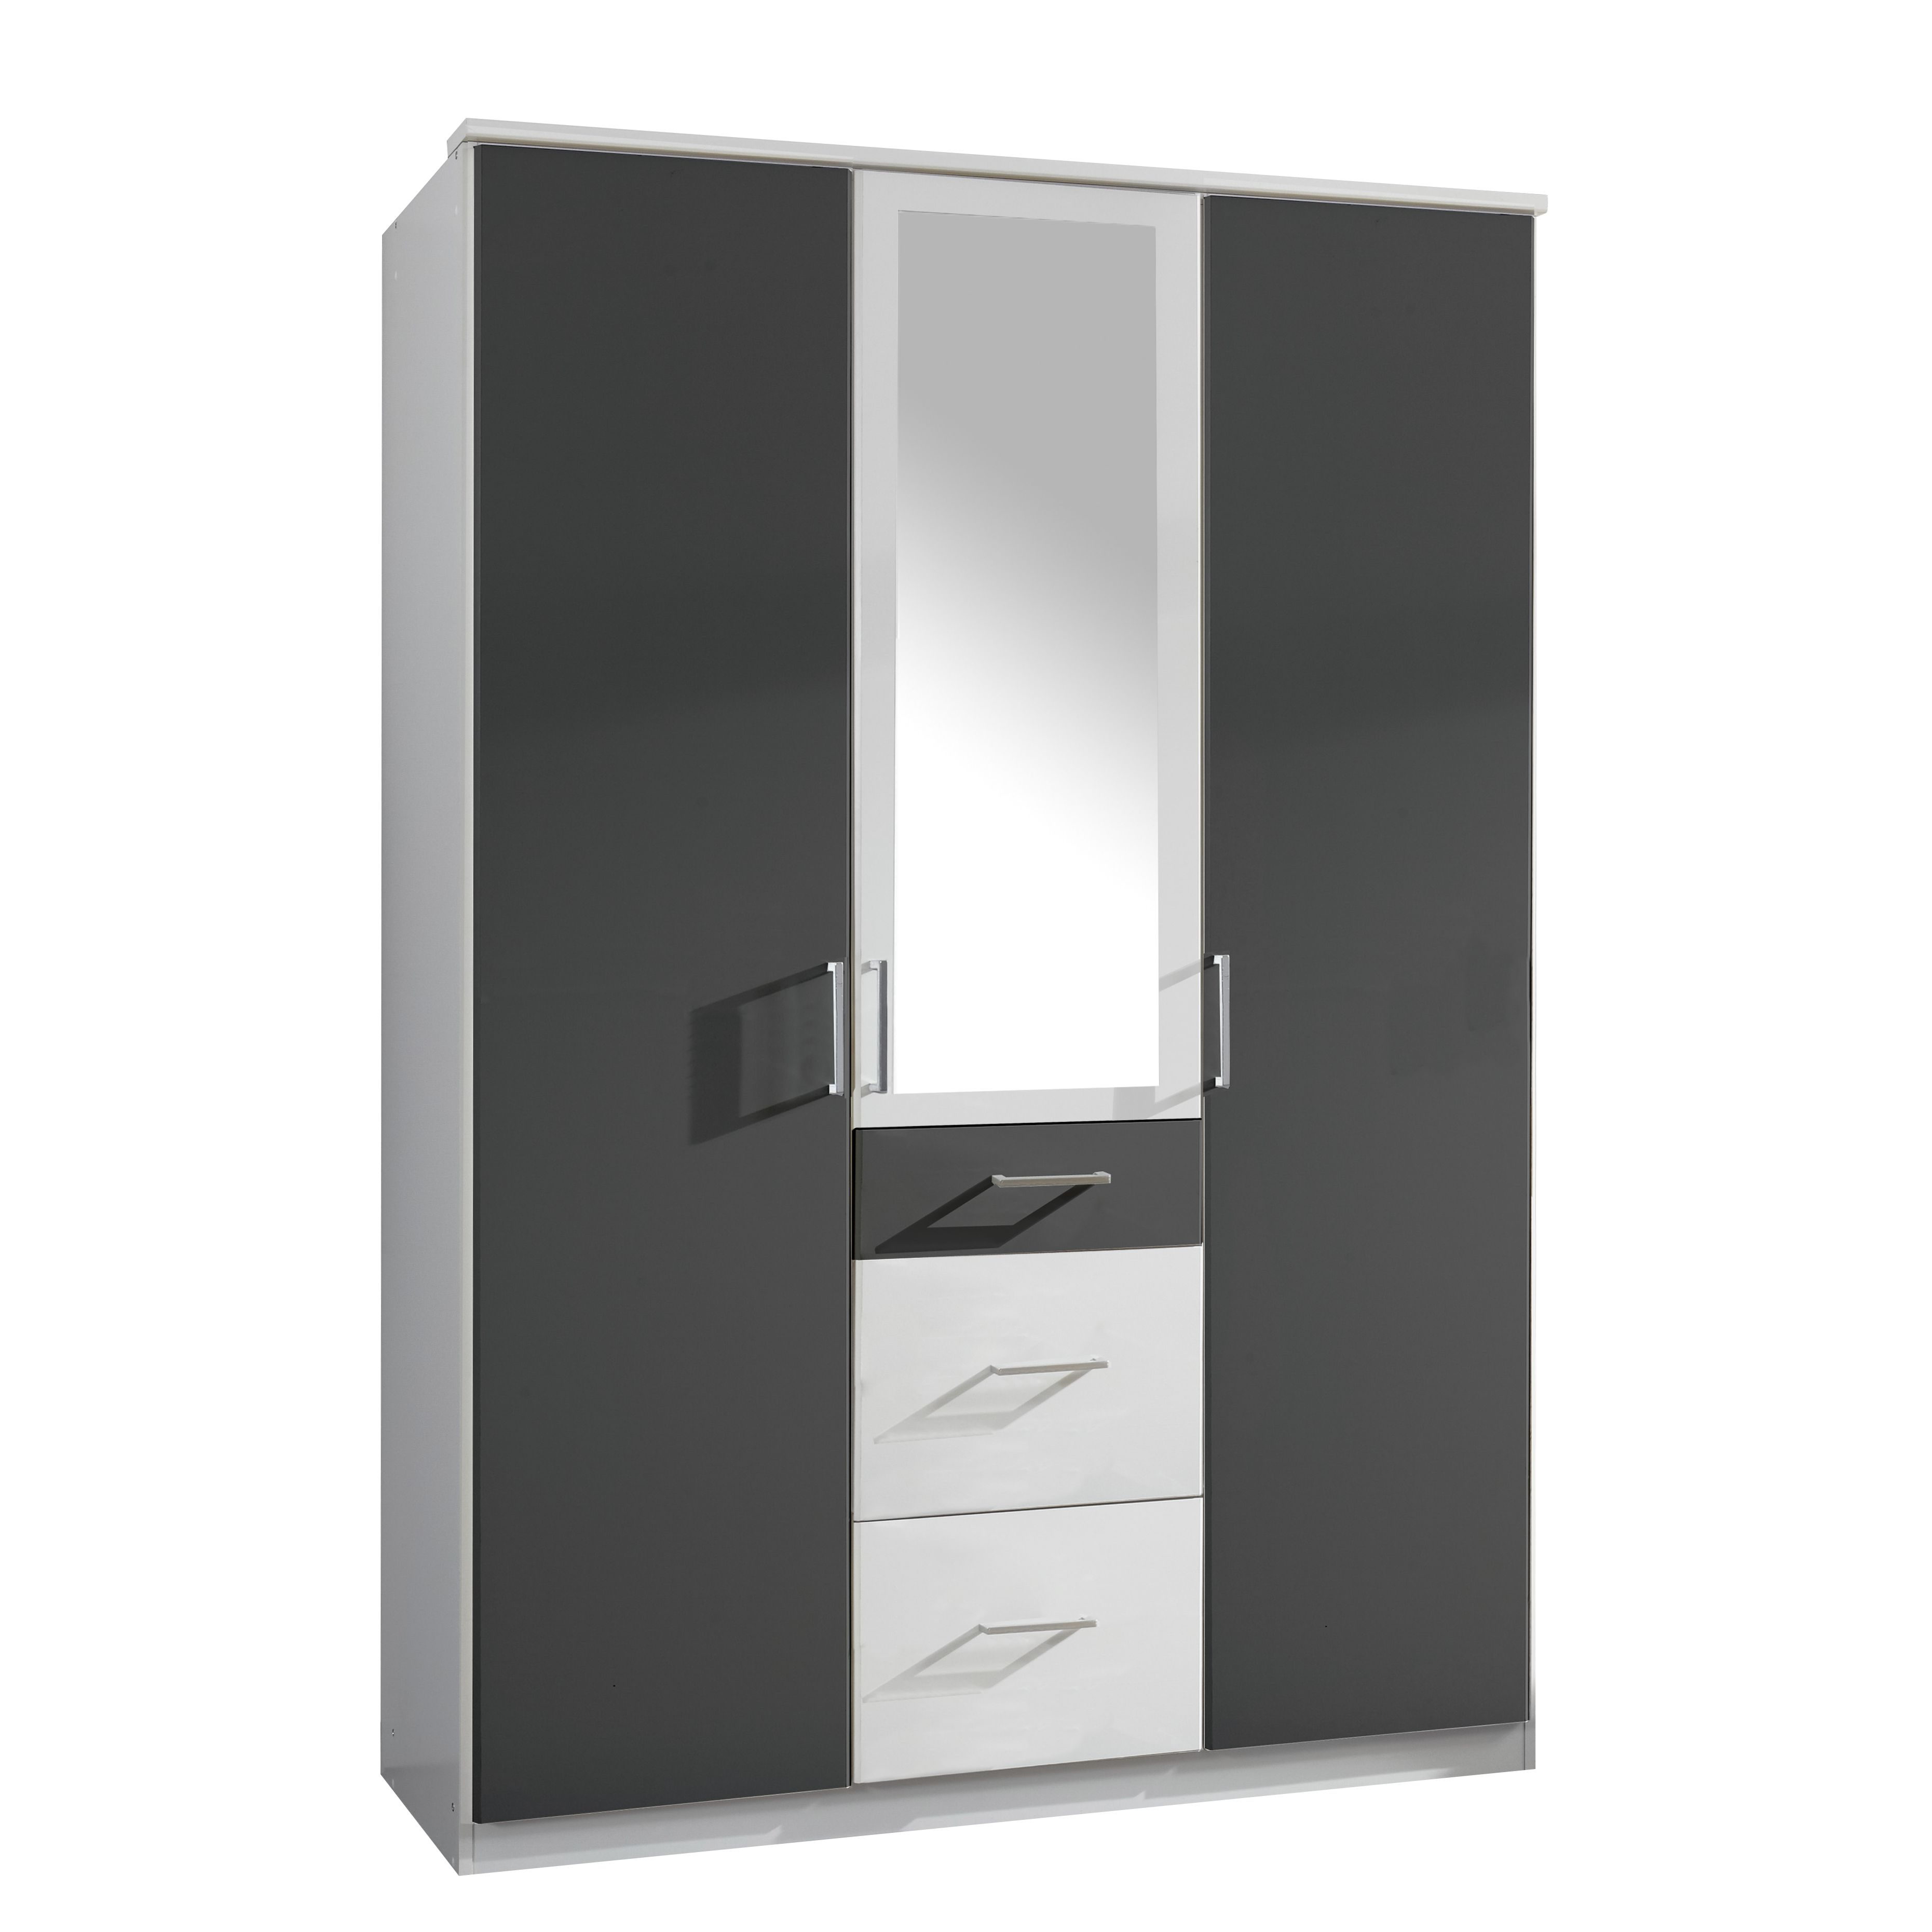 Drehtürenschrank Click (mit Spiegel) – Alpinweiß/Anthrazit – Sdchrankbreite: 180 cm – 4-türig – 2 Spiegel, Wimex kaufen